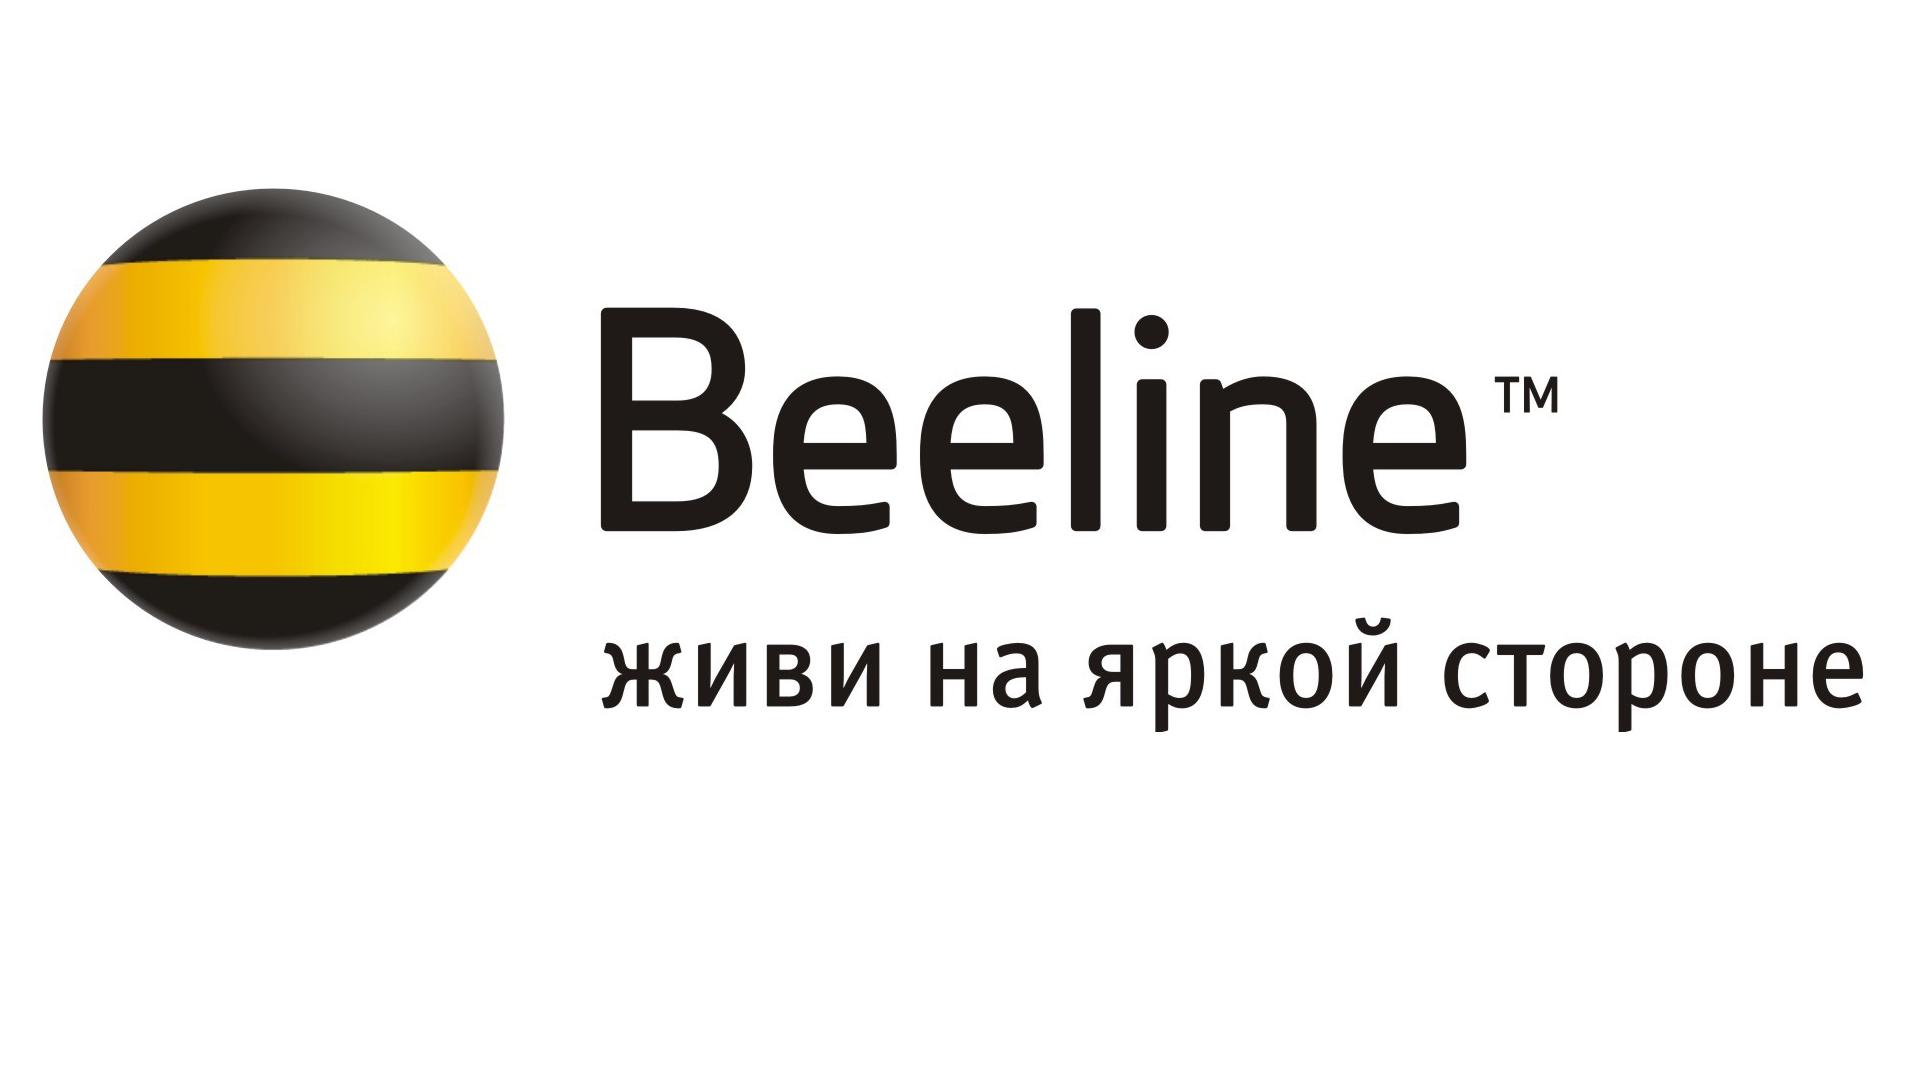 Широкоформатные обои Beeline, Beeline - Живи ...: www.fullhdoboi.ru/photo/brands/beeline/31-0-4658